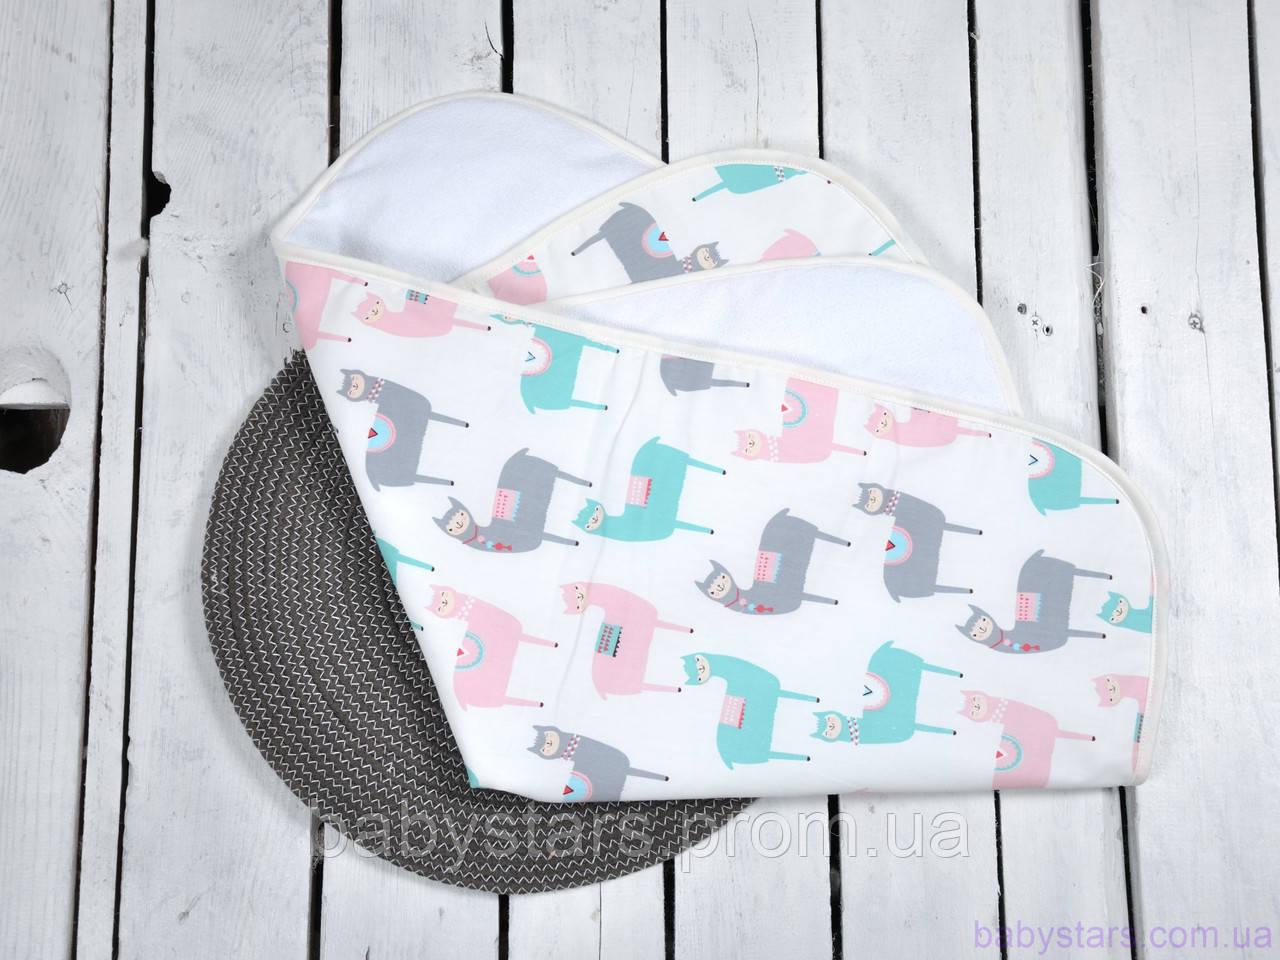 Пеленка непромокаемая для детей (размер 60*80 см), Альпака